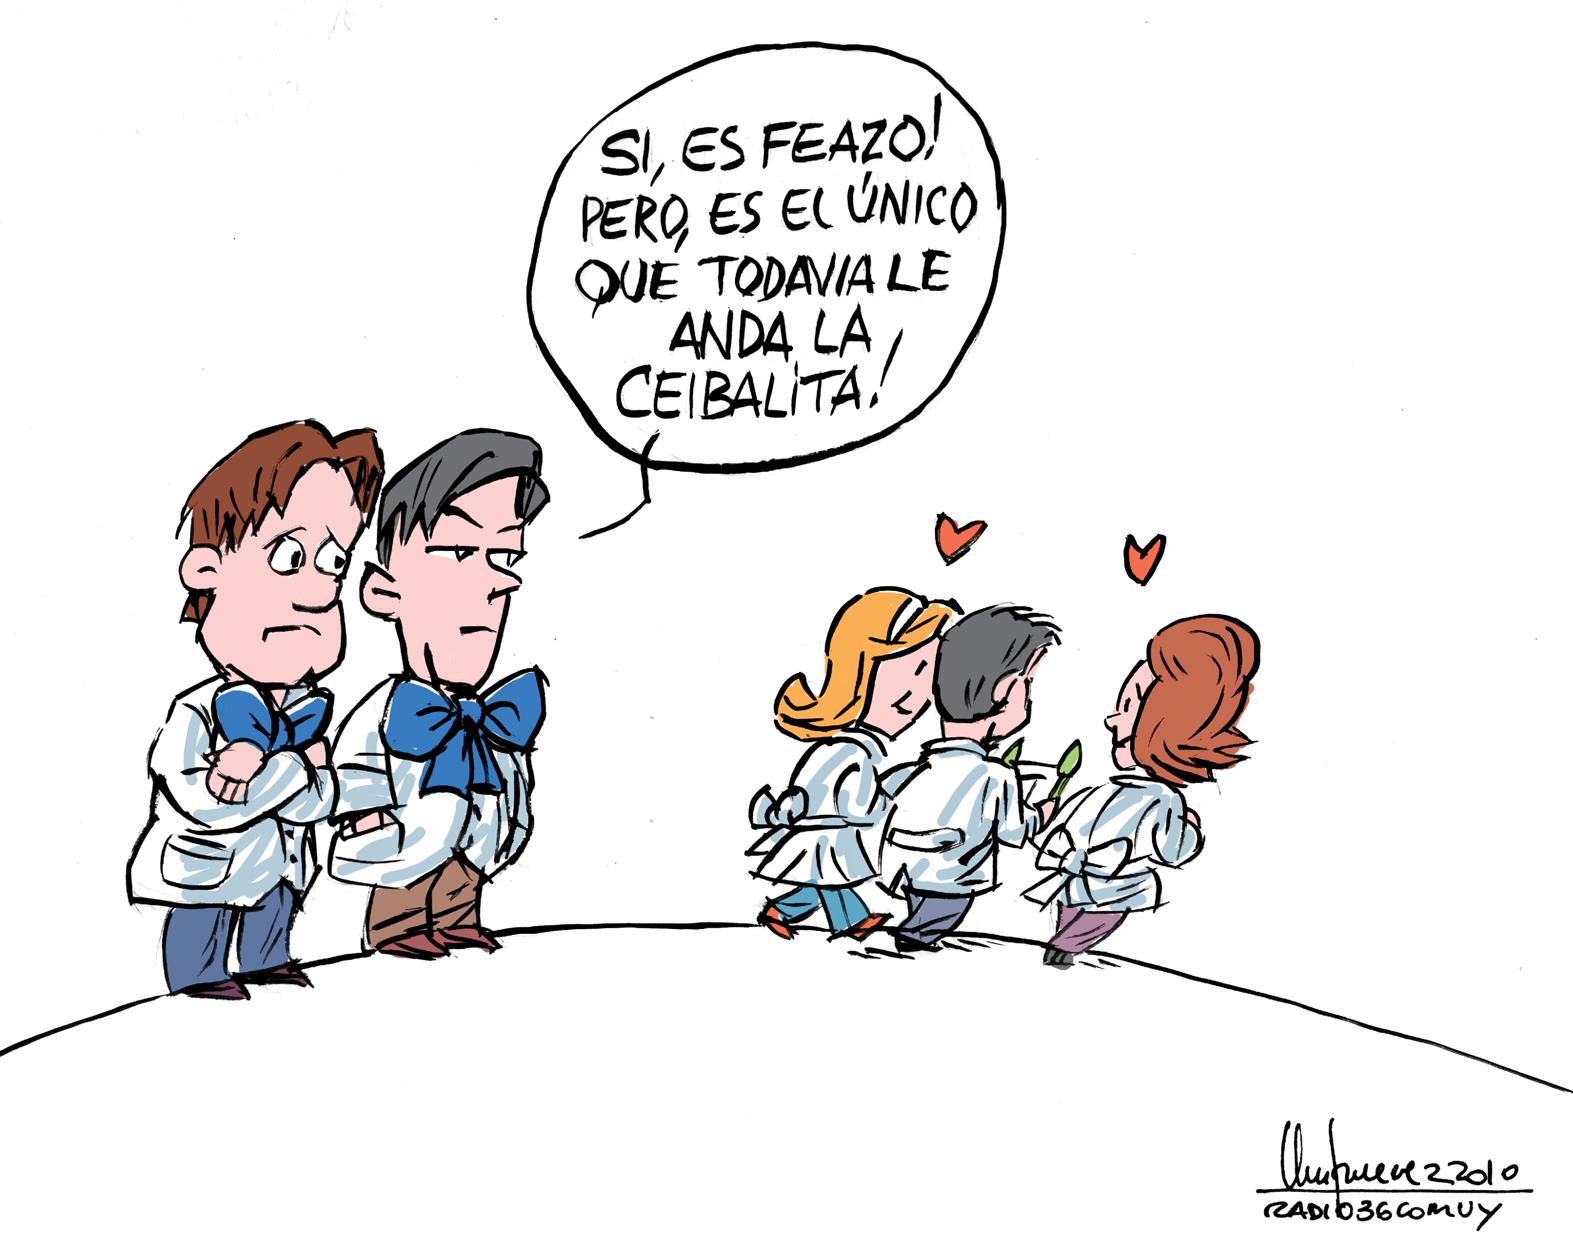 http://2.bp.blogspot.com/_BnkvEGClspI/TAwQzhFBmnI/AAAAAAAAAXY/SW9XxwBNy1c/s1600/amor+ceibalita.jpg